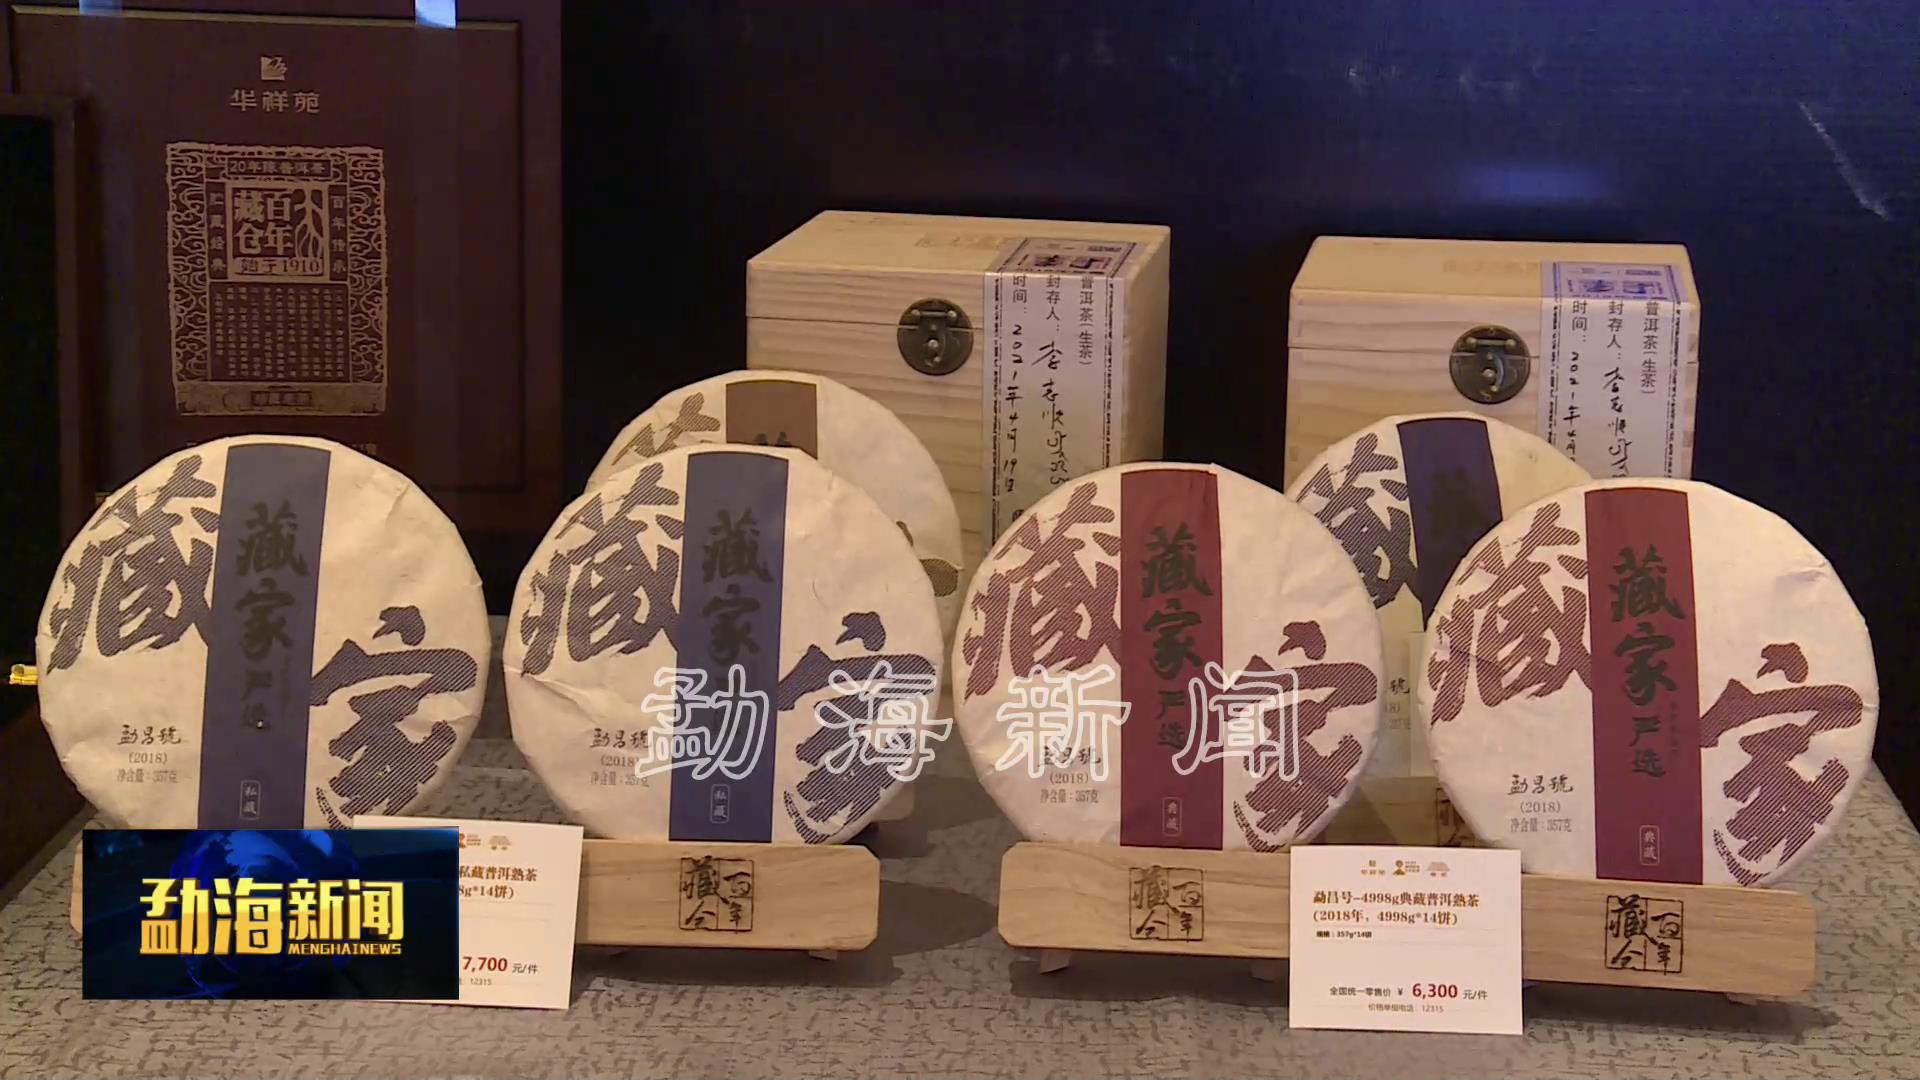 推动老班章走向世界  助力保护百年古茶树资源[00-00-31][20210423-165543699].jpg